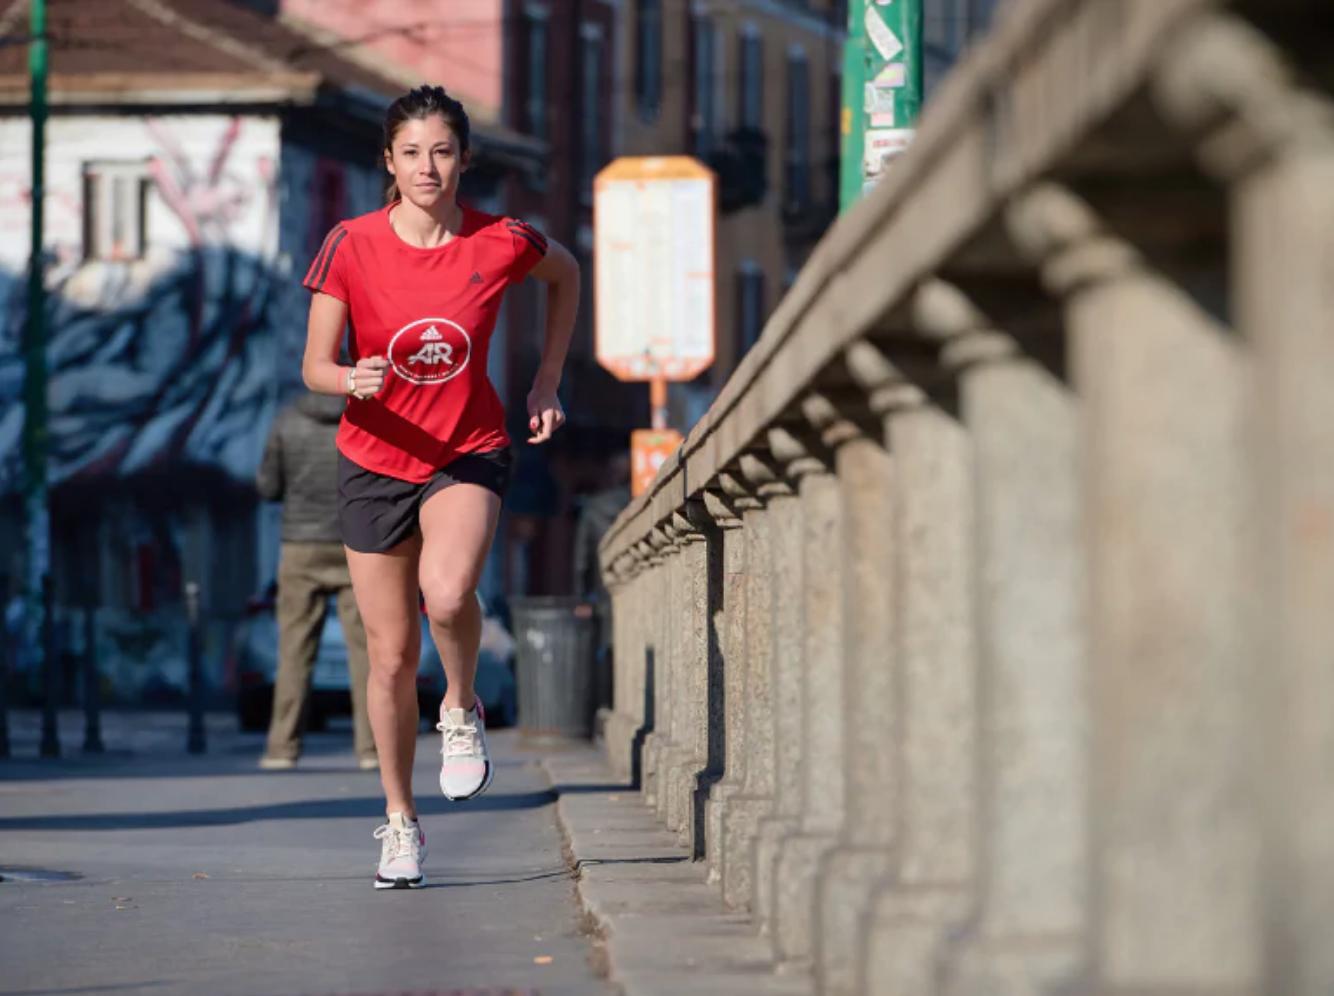 Running: dalla teoria alla pratica, i buoni consigli di Sara Galimberti